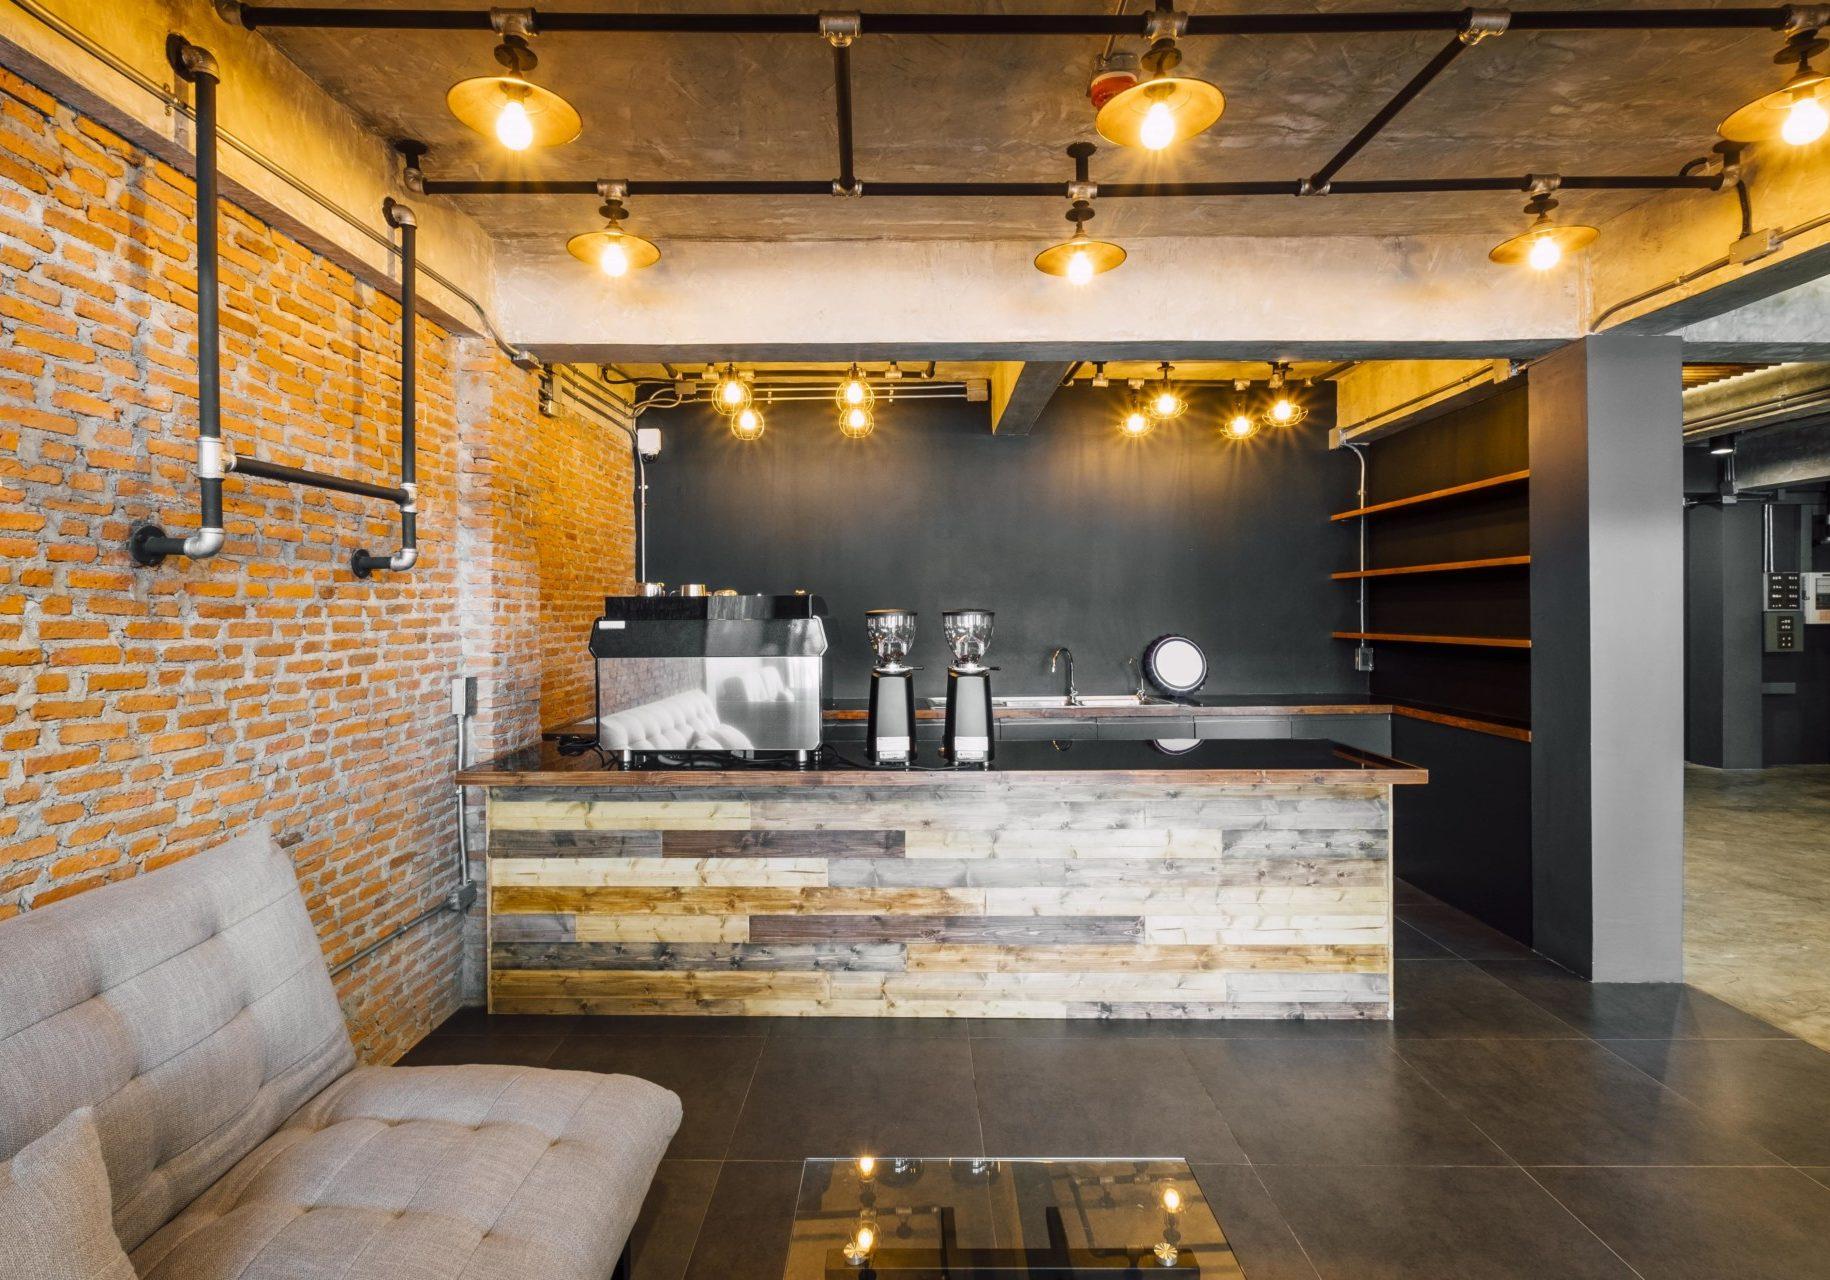 cafe-bar-hotel-loft-style-min